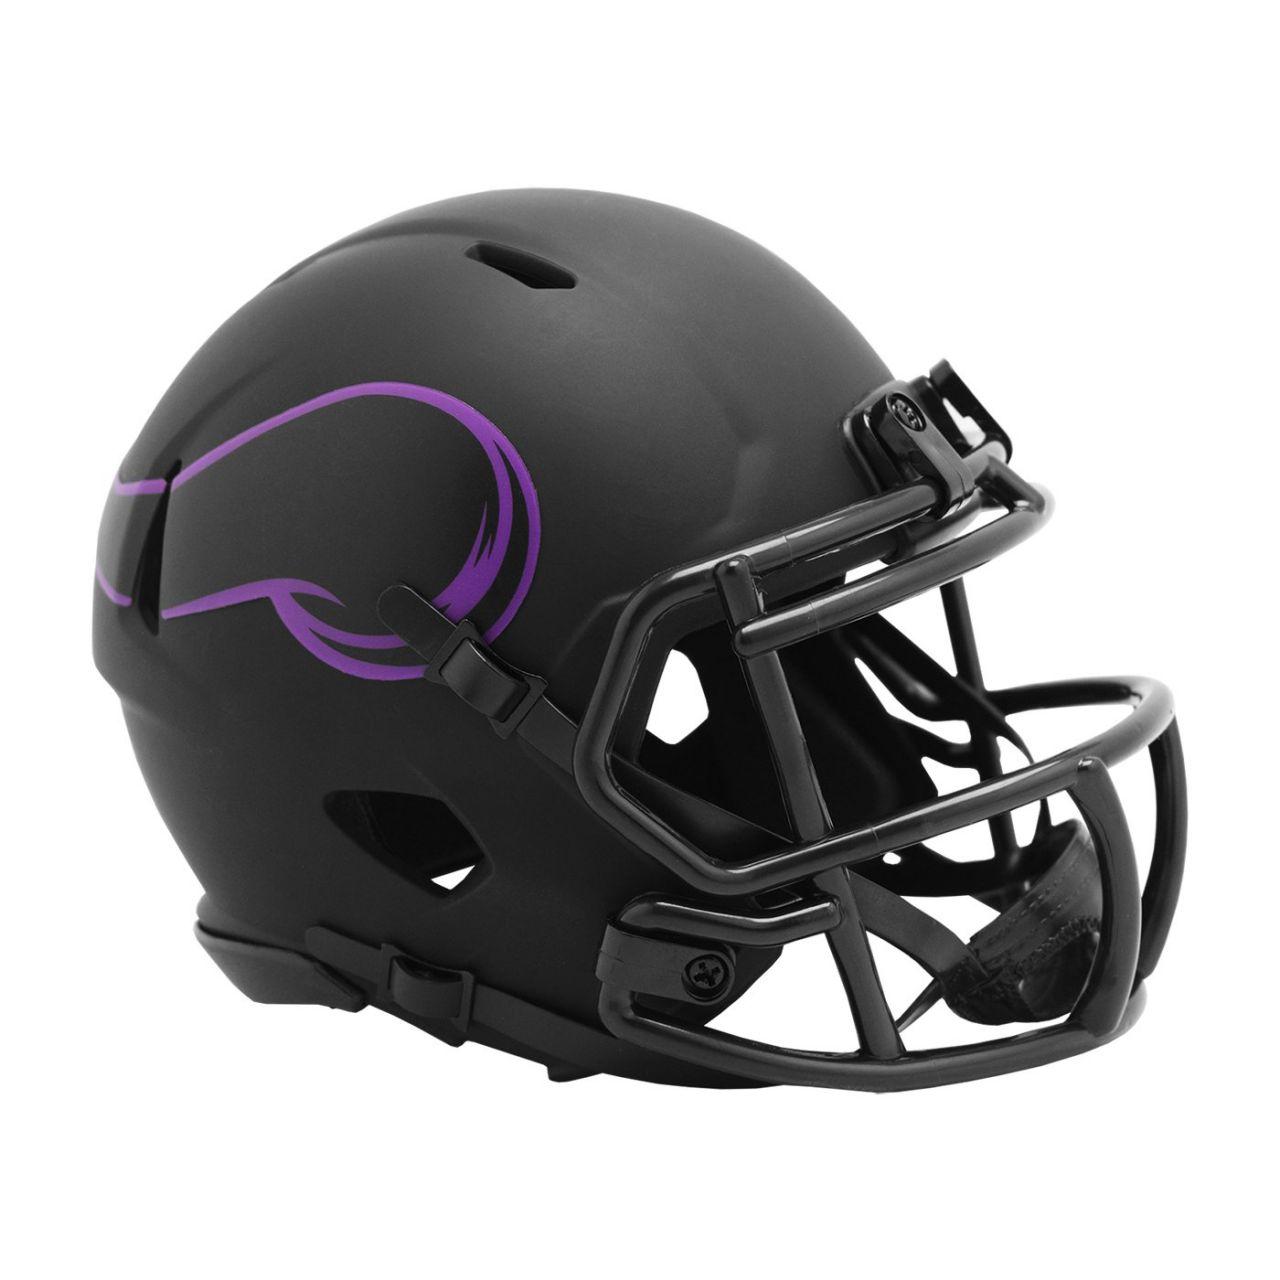 amfoo - Riddell Speed Mini Football Helm - ECLIPSE Minnesota Vikings